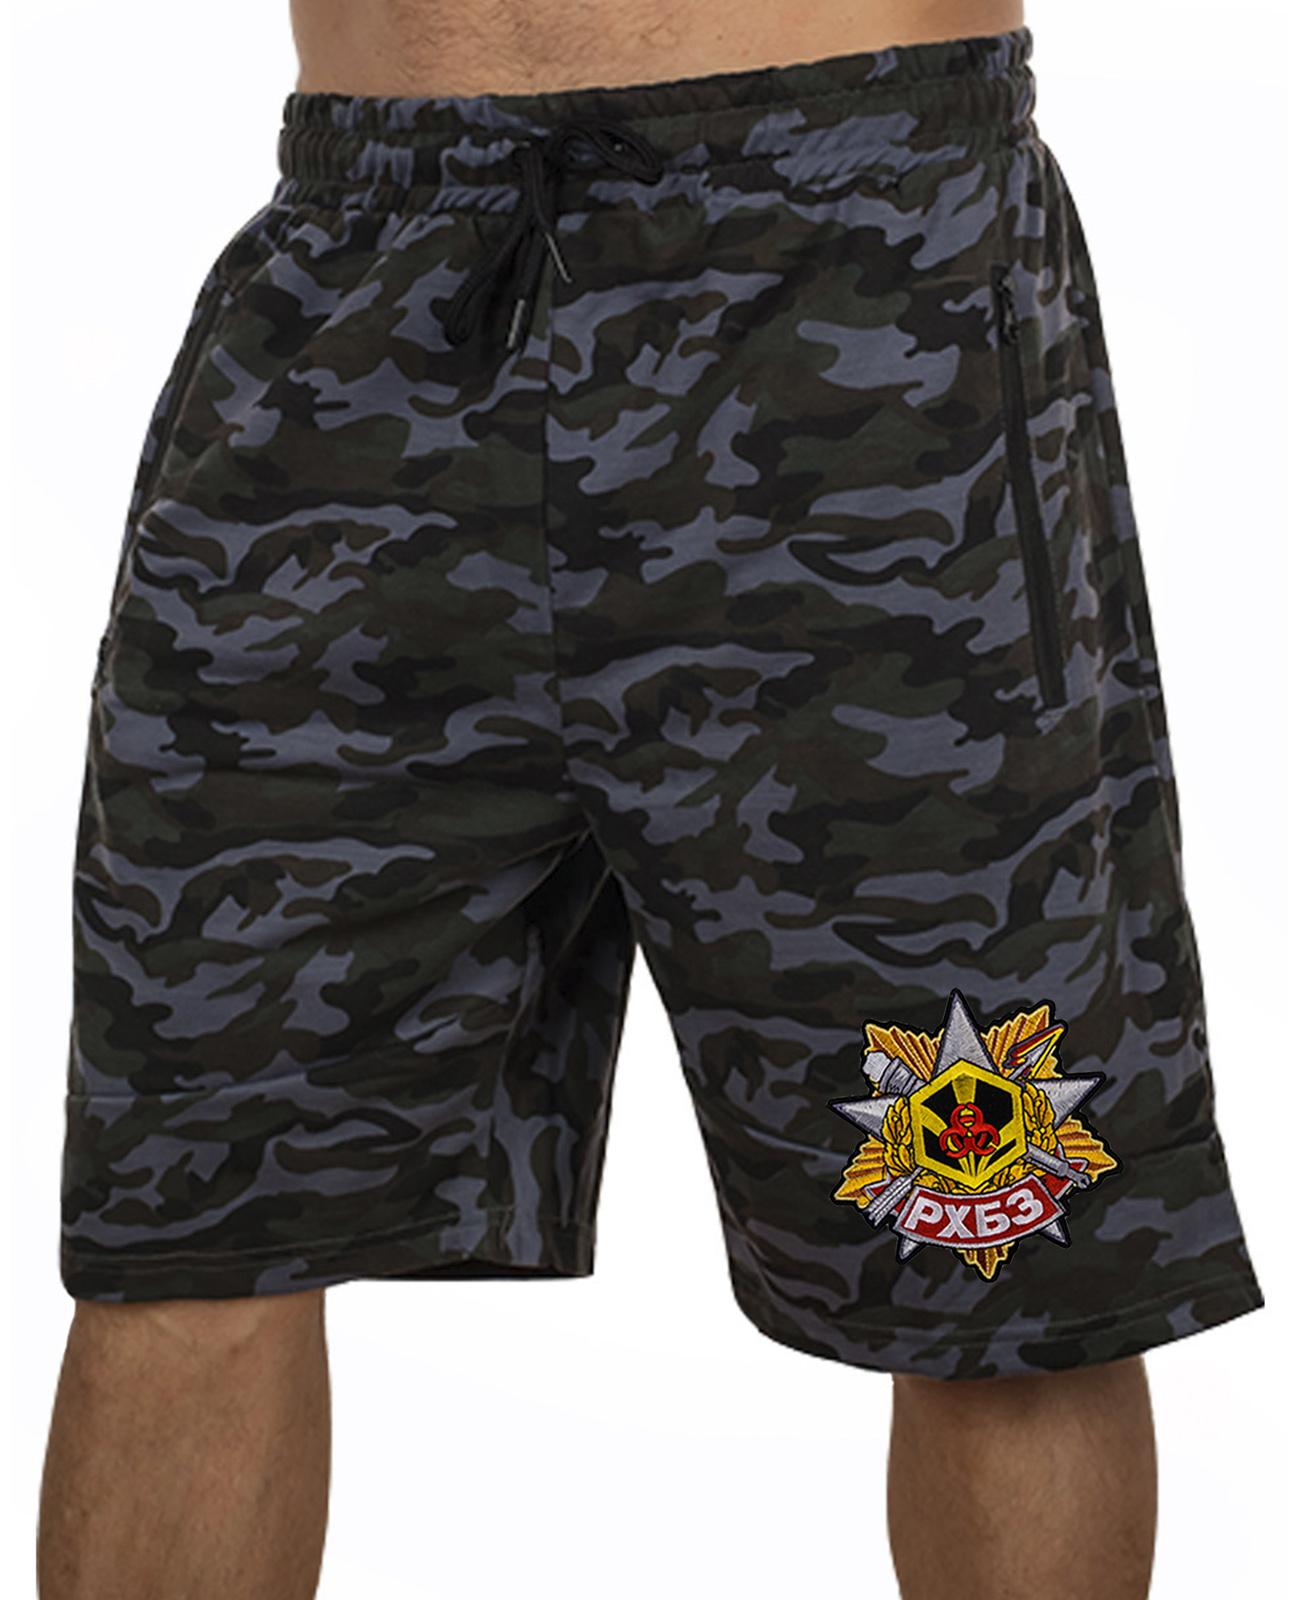 Купить военные камуфляжные шорты с нашивкой РХБЗ в подарок мужчине